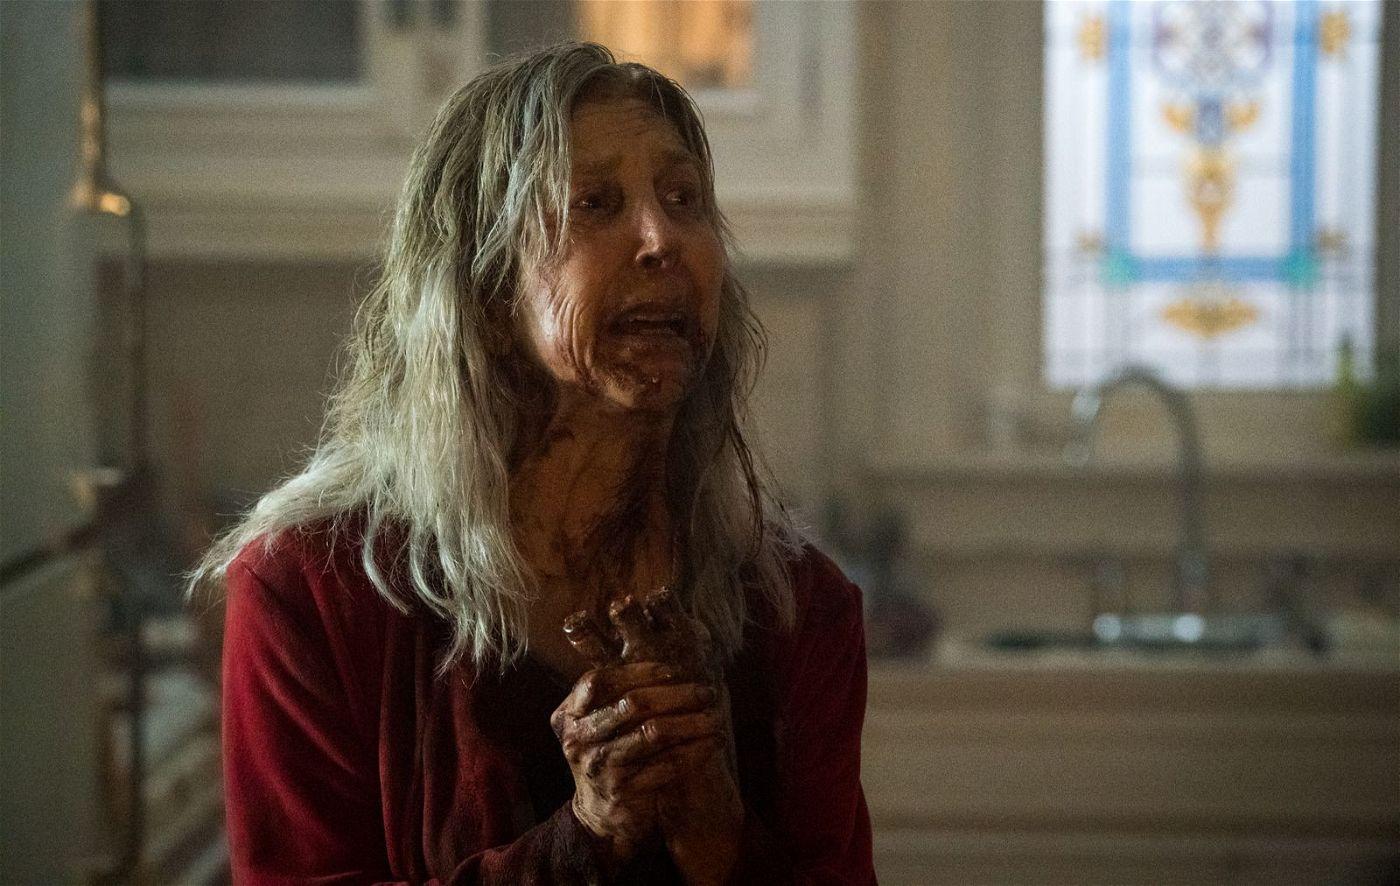 Die vom Fluch befallene Faith Matheson (Lin Shaye) hat im Wahn ihre eigene Hand verstümmelt.